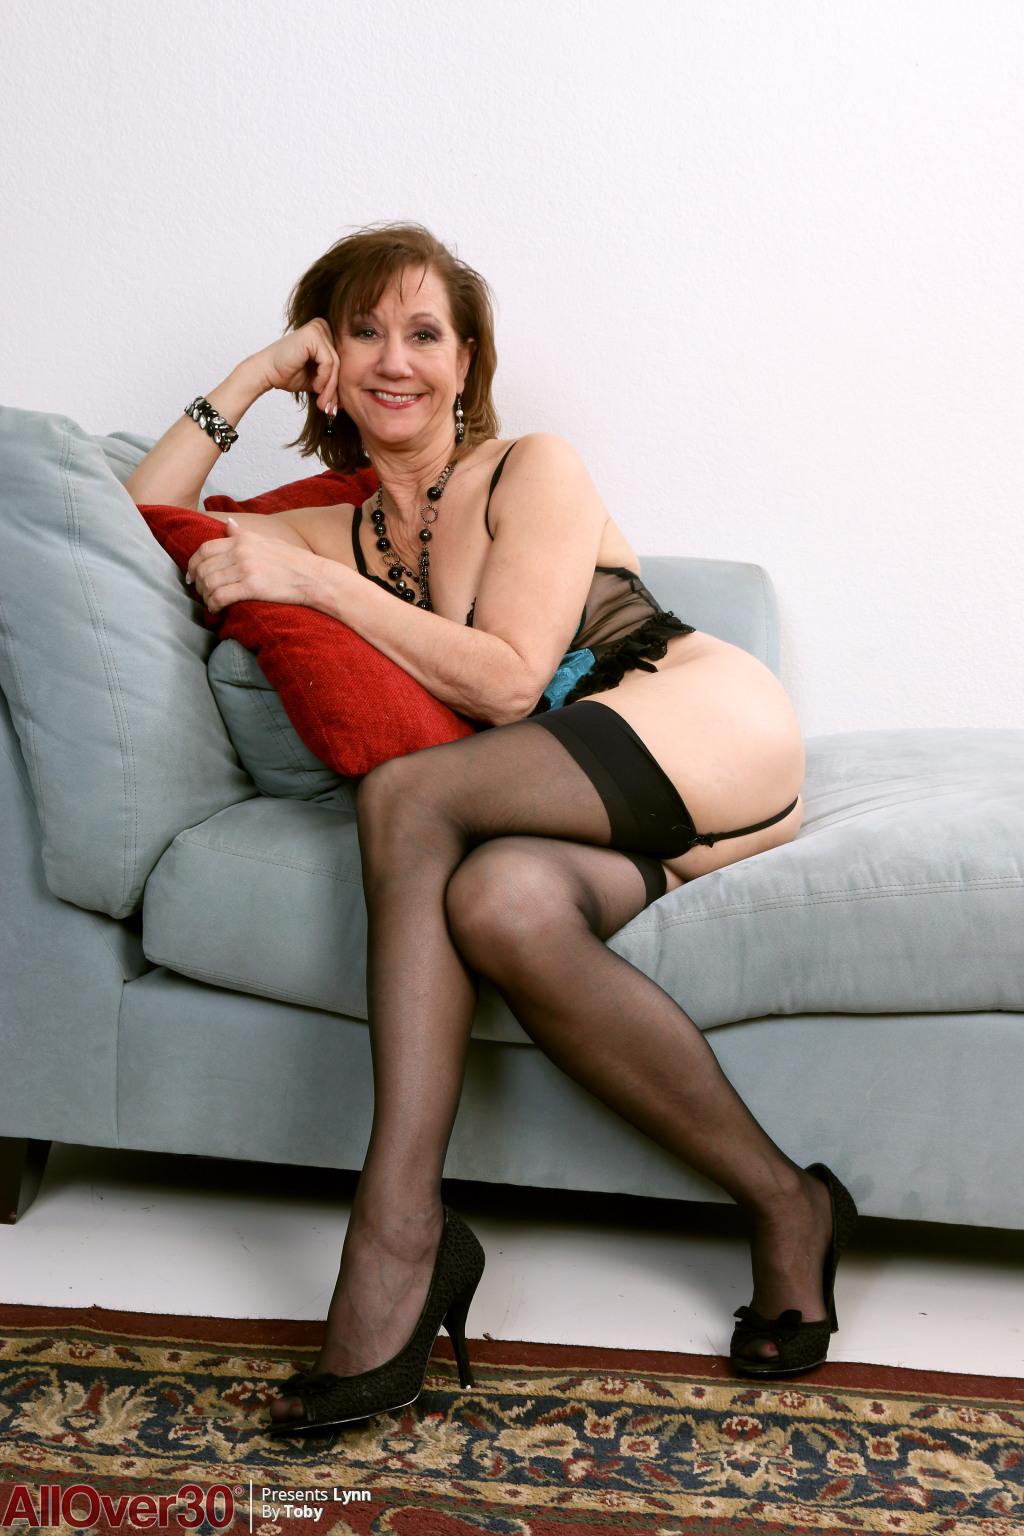 Lynn from AllOver30